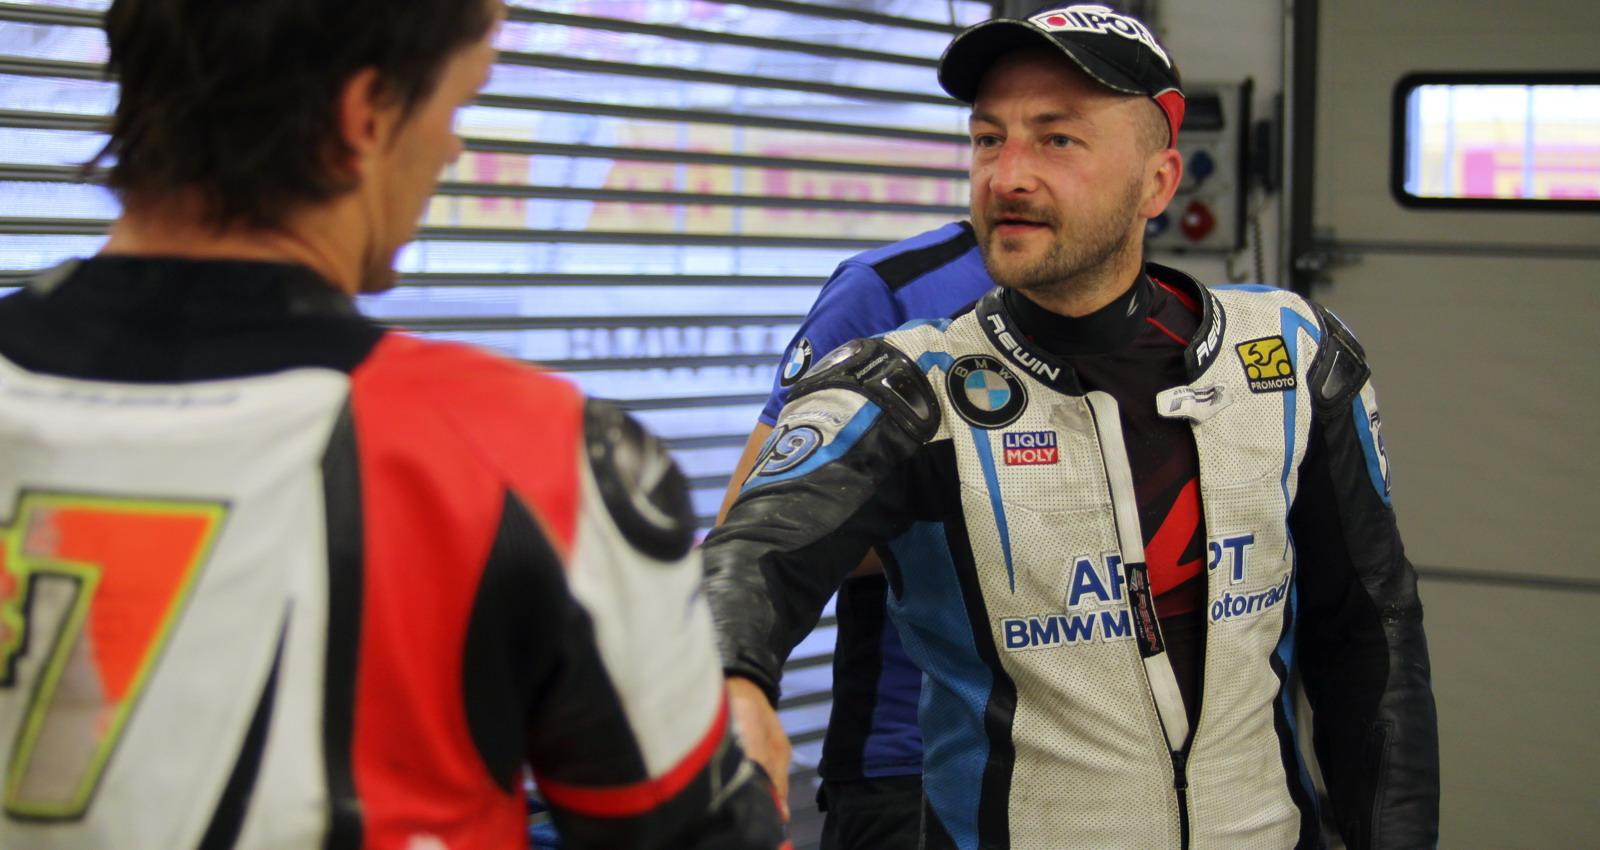 Крепкое рукопожатие: Максим Аверкин - победитель гонки, Сергей Власов - самый быстрый на этом этапе